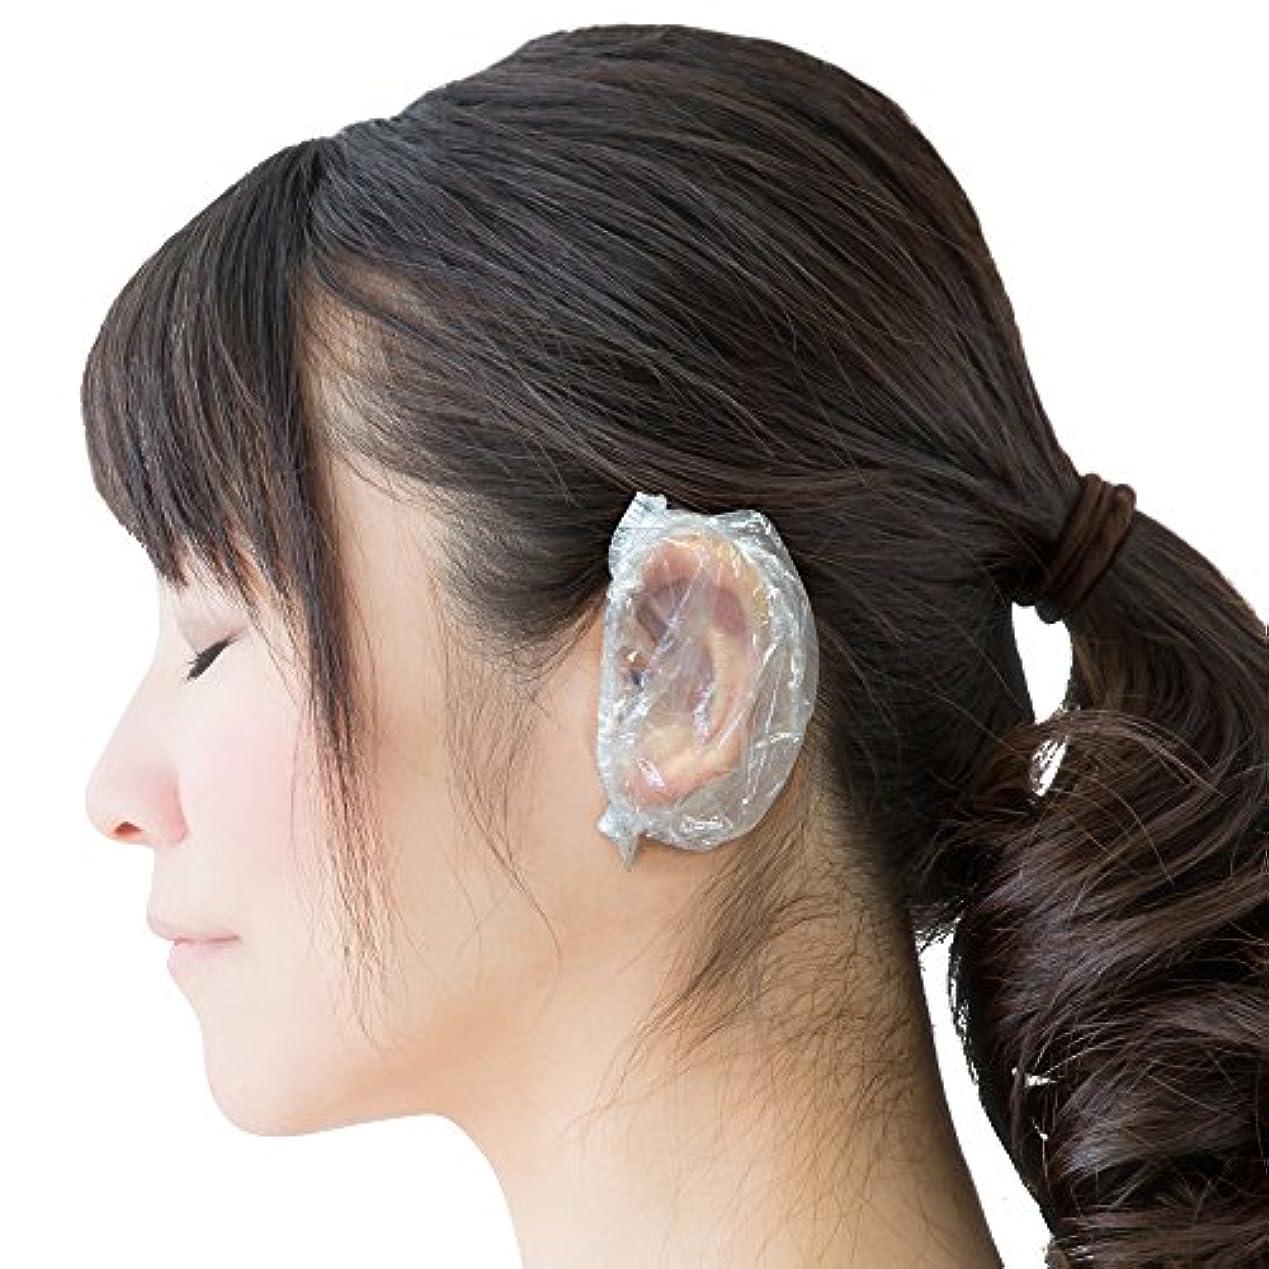 不名誉世辞禁止する【Fiveten】 耳キャップ イヤーキャップ 耳カバー 毛染め 使い捨て 100個